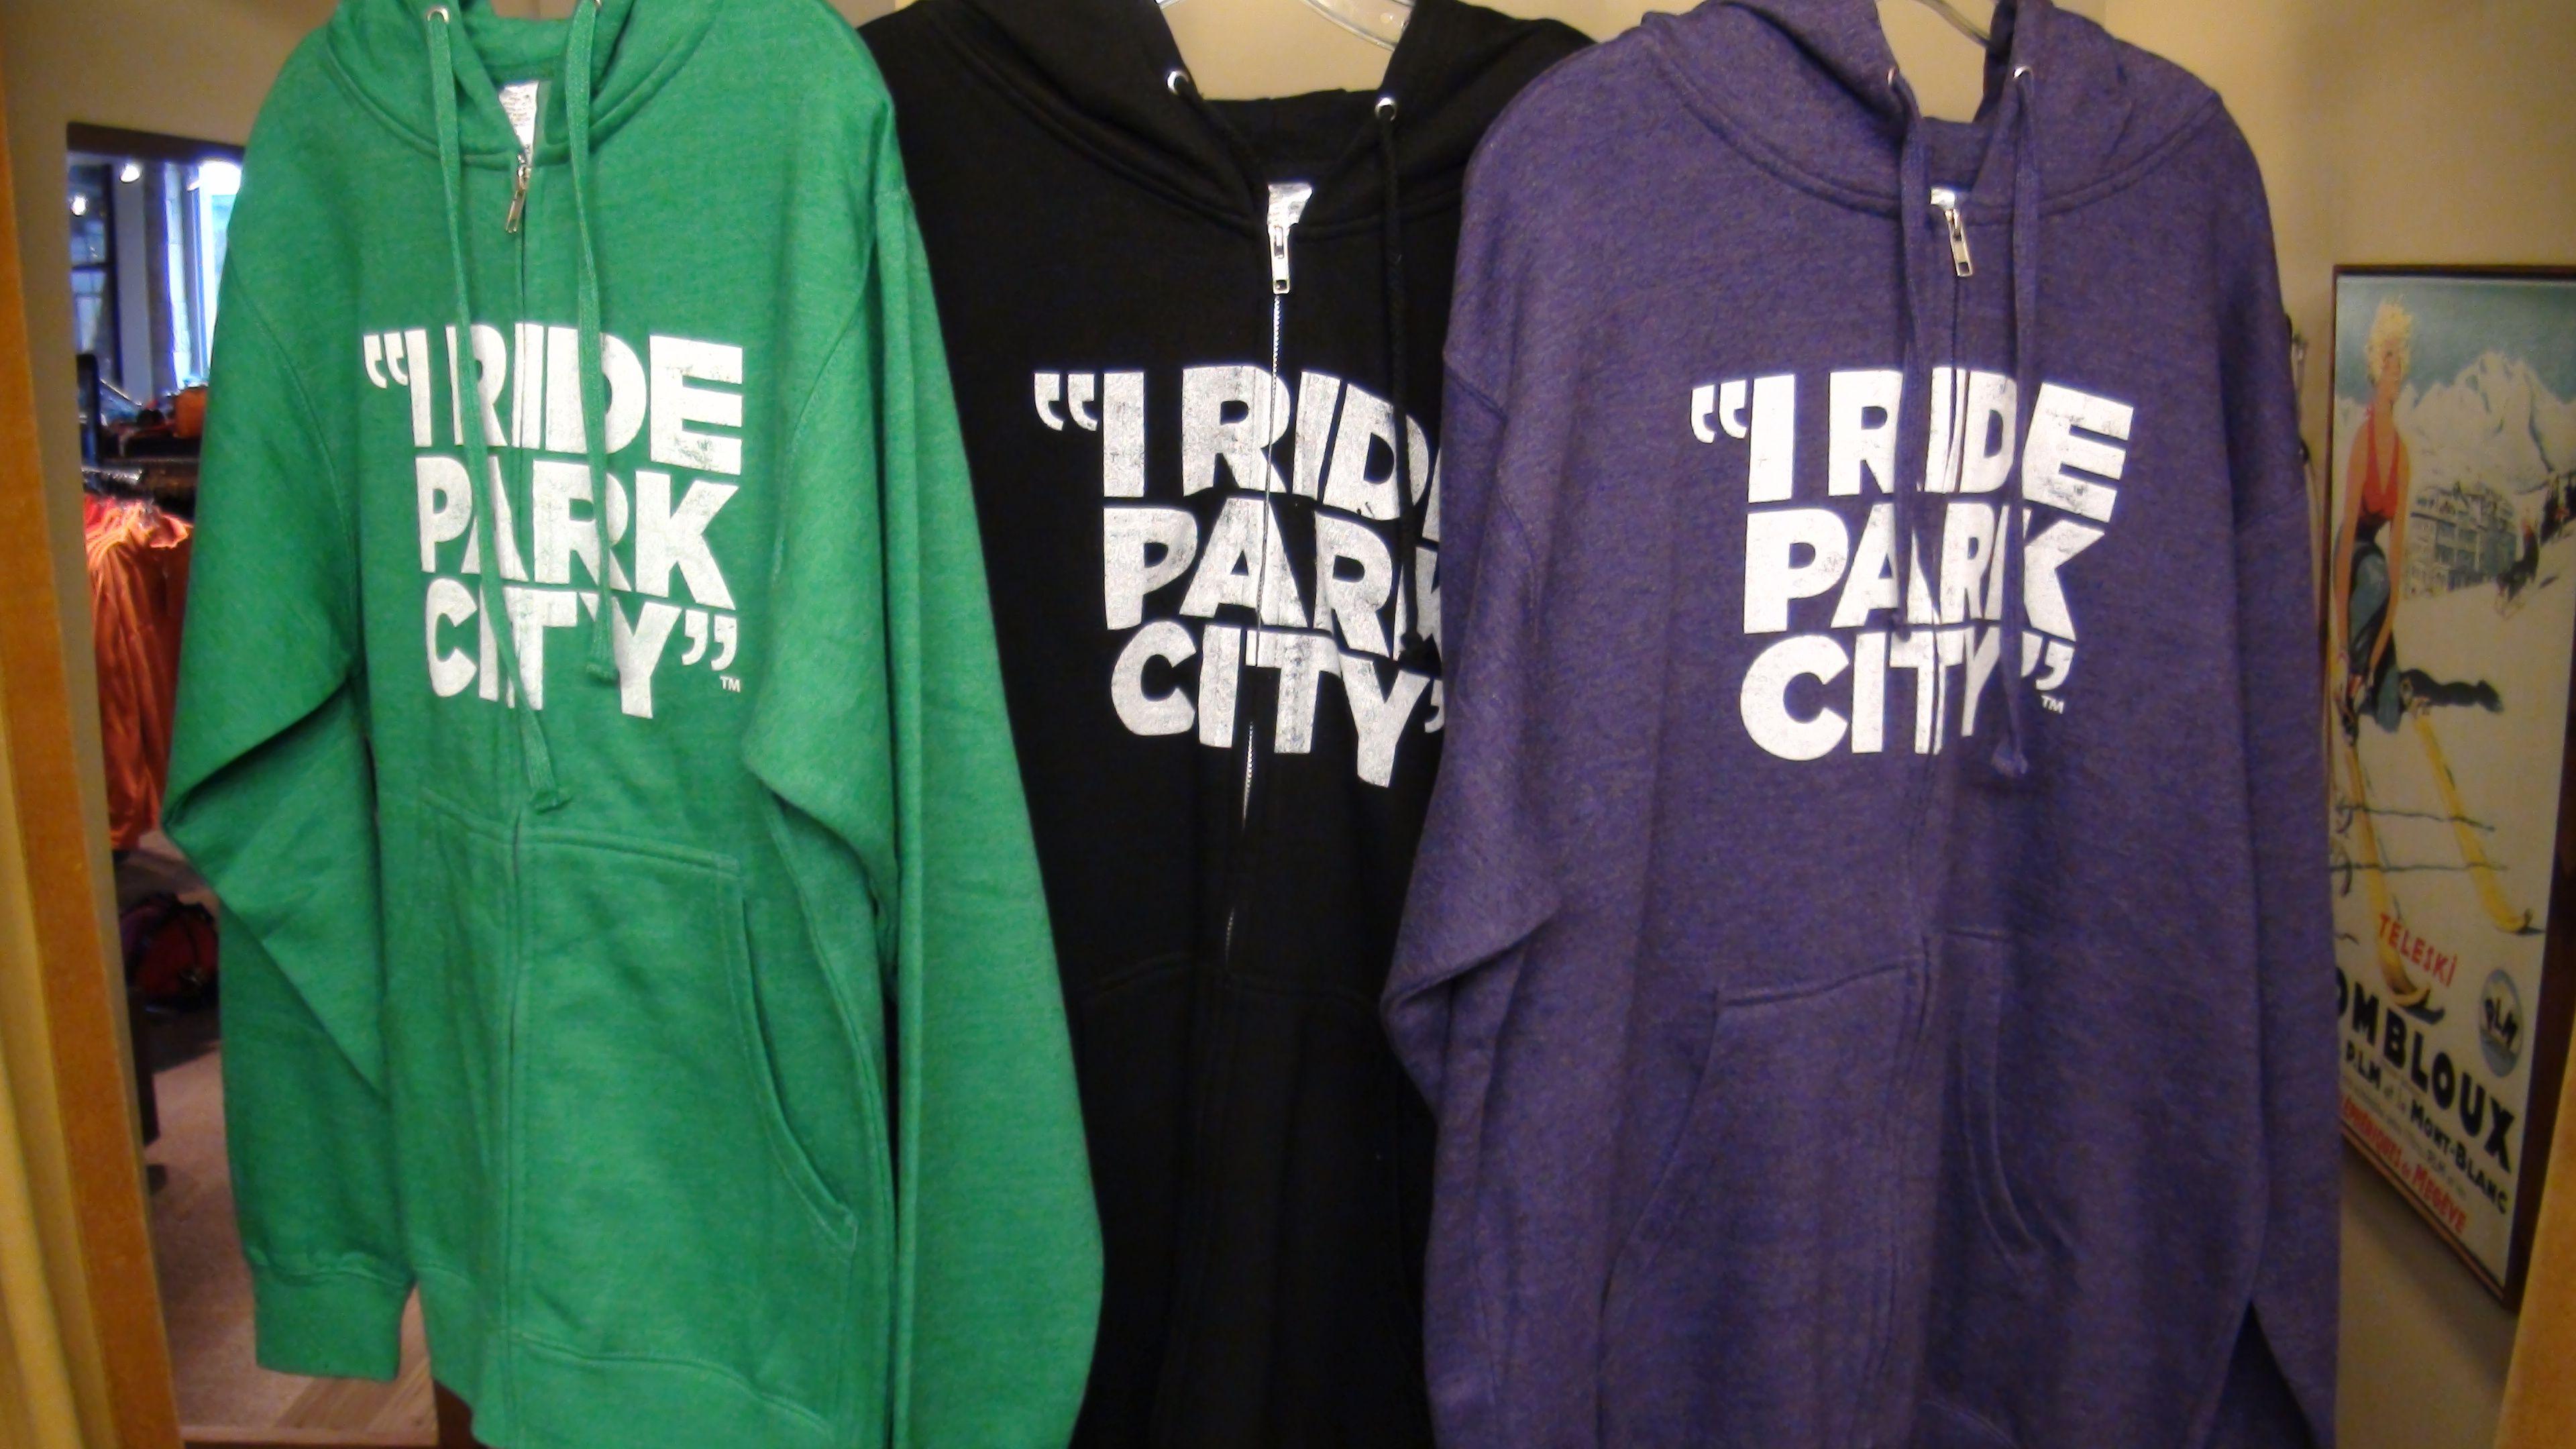 585d7d692205b I Ride Park City